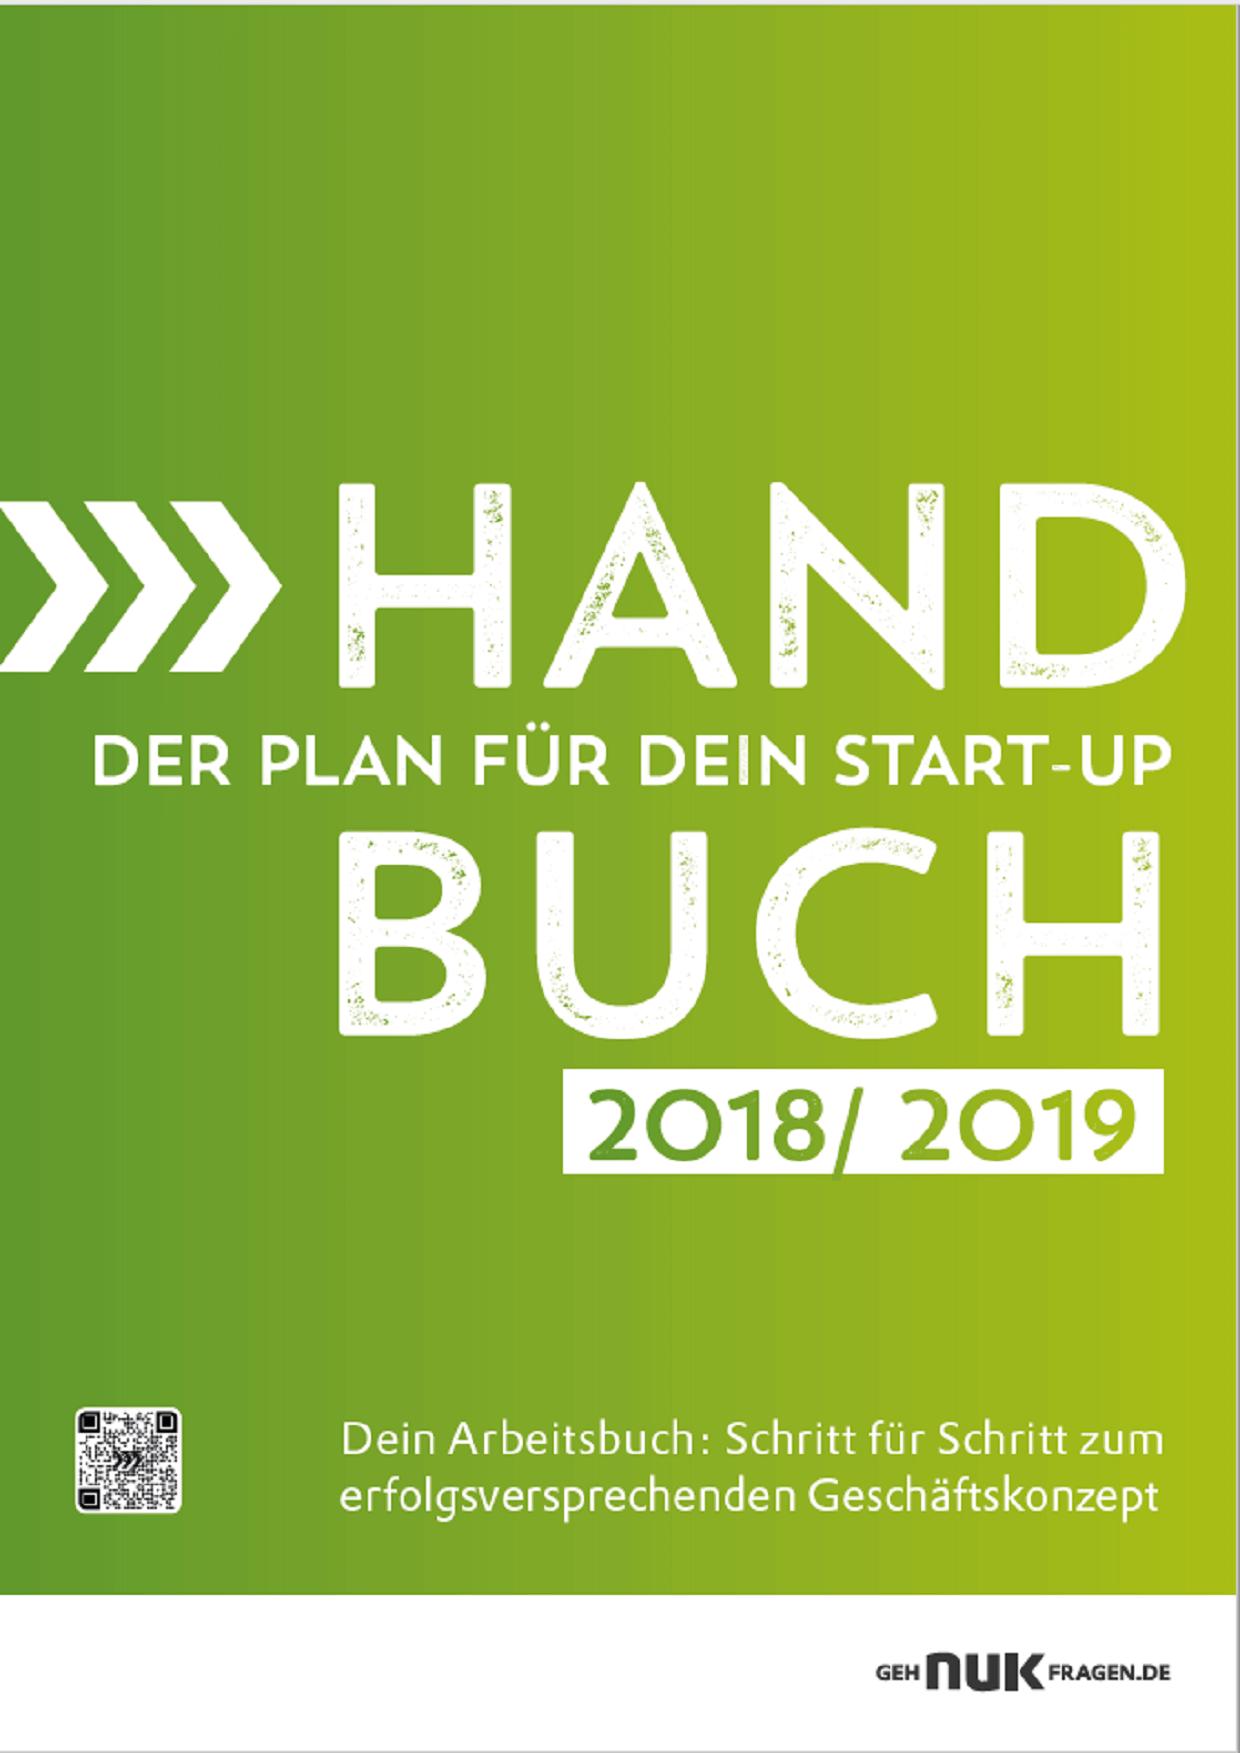 NUK-Handbuch | NUK Neues Unternehmertum Rheinland